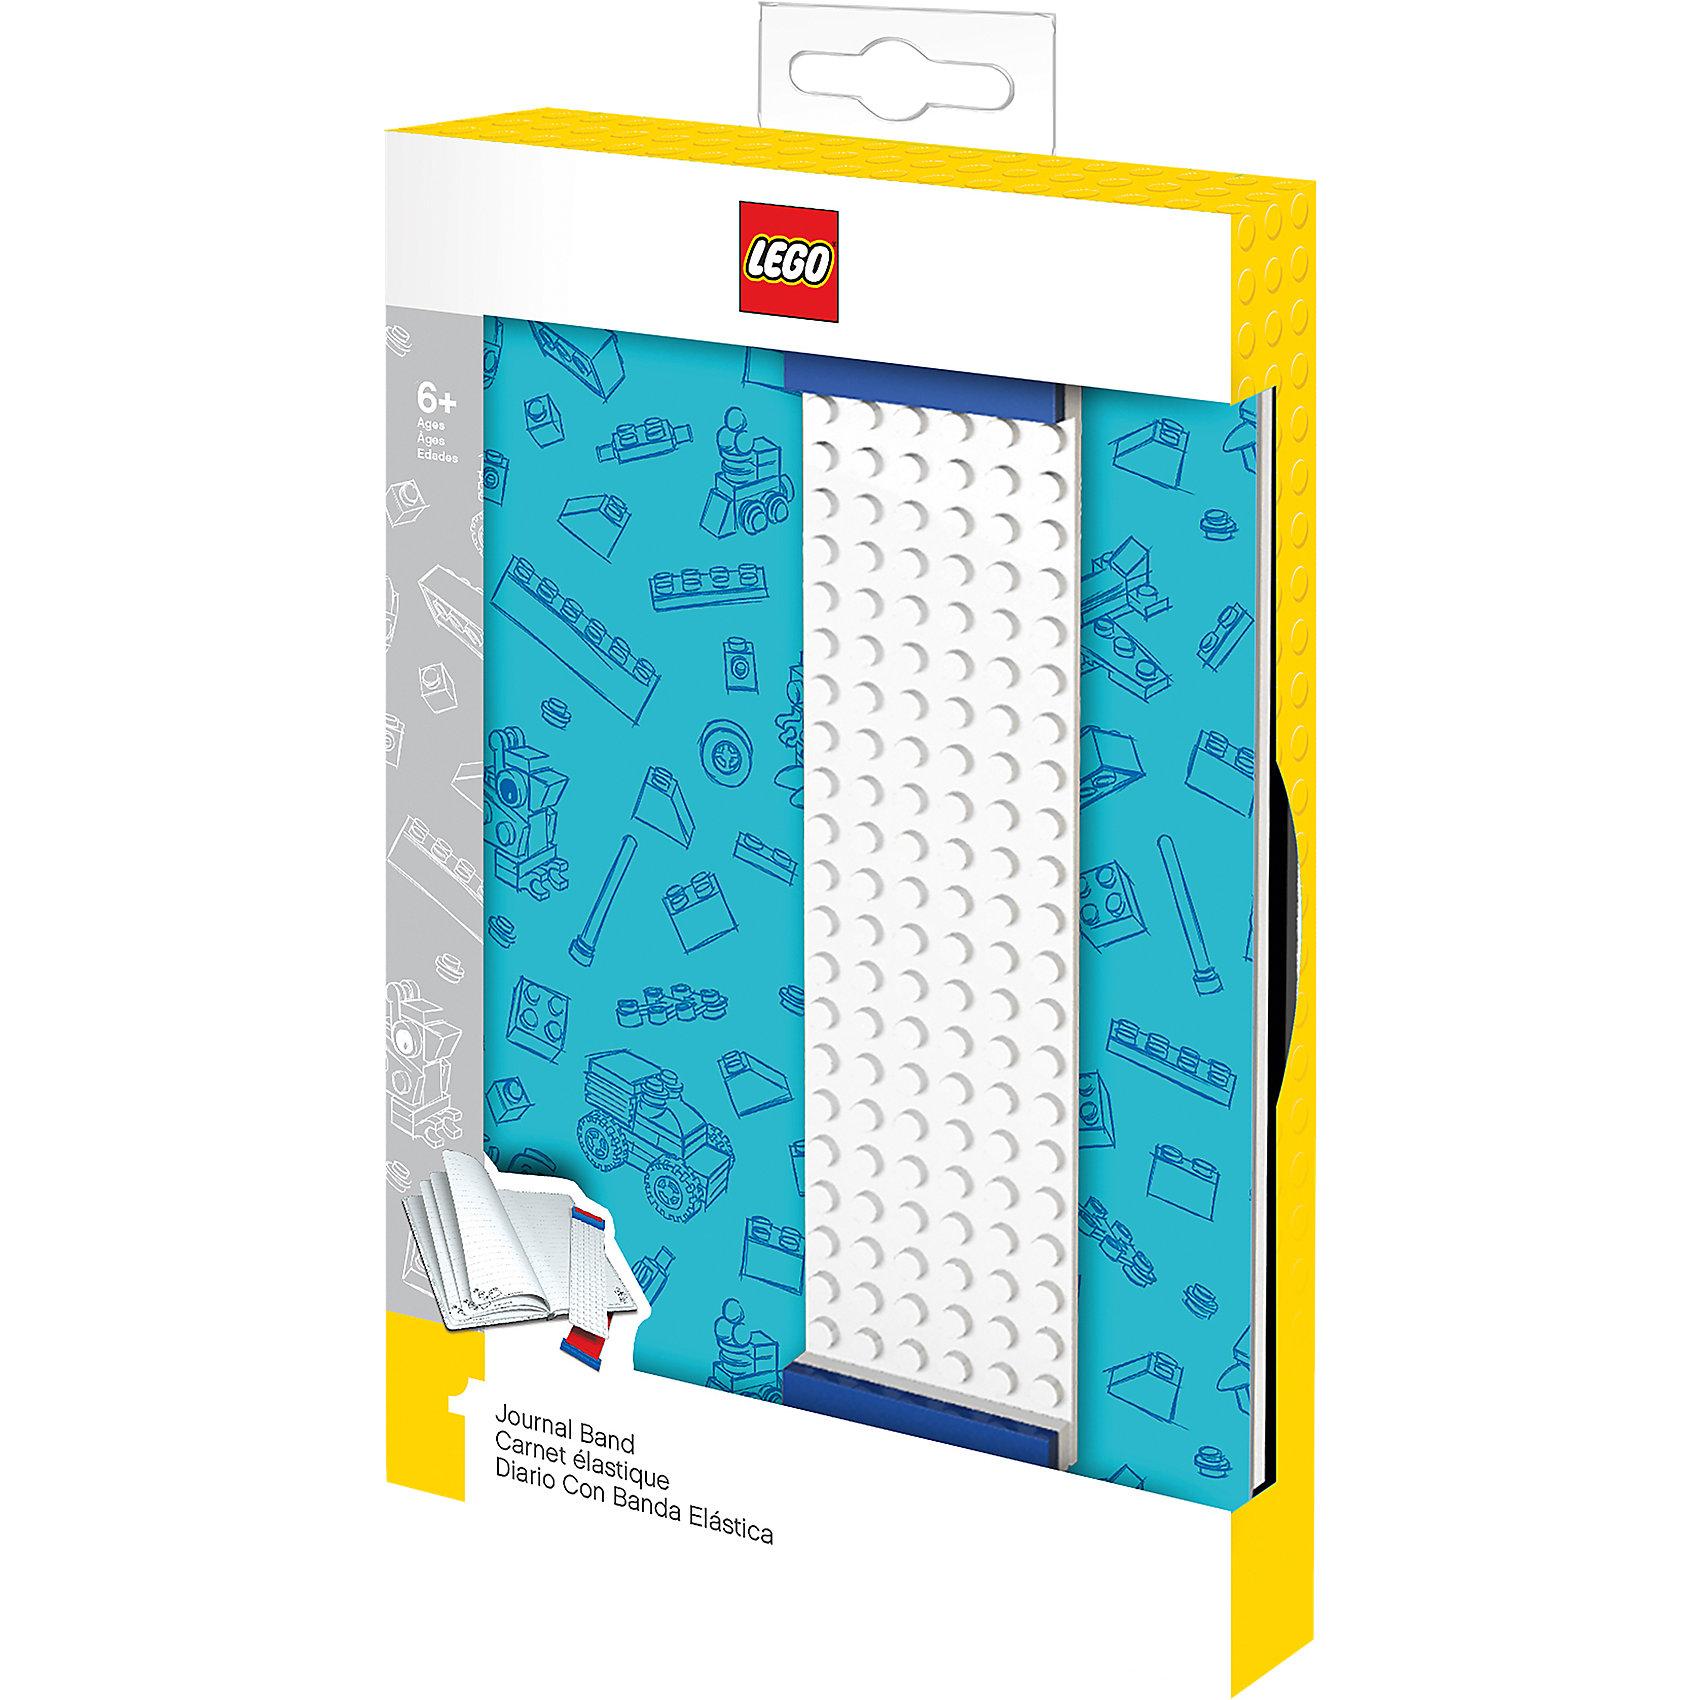 Записная книжка, 96 листов, линейка, с закладкой, цвет: голубой, LEGOБумажная продукция<br>Оригинальную книгу для записей можно использовать в качестве ежедневника, блокнота для рисования, написания сочинений или важных событий. Закладка поможет не только найти необходимую запись, а также хранить ручку, маркер или карандаш вместе, ведь все канцелярские принадлежности скрепляются друг  с другом по принципу конструкторов LEGO.<br><br>Ширина мм: 223<br>Глубина мм: 154<br>Высота мм: 35<br>Вес г: 399<br>Возраст от месяцев: 72<br>Возраст до месяцев: 144<br>Пол: Унисекс<br>Возраст: Детский<br>SKU: 5529375